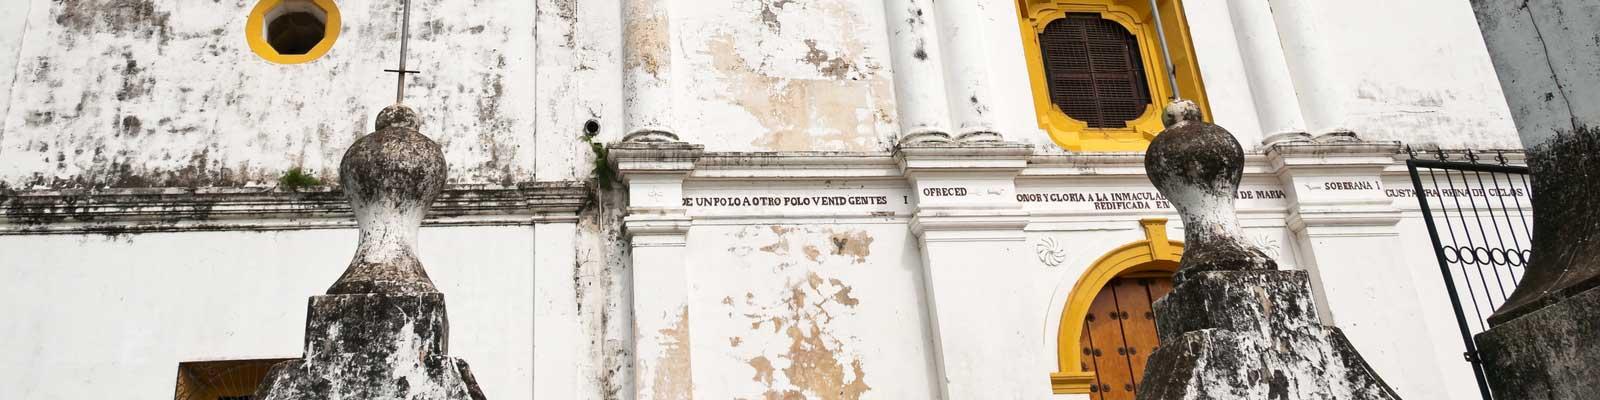 Nicaragua Privatimmobilien - Eigentumswohnung, Grundstück, Hotel